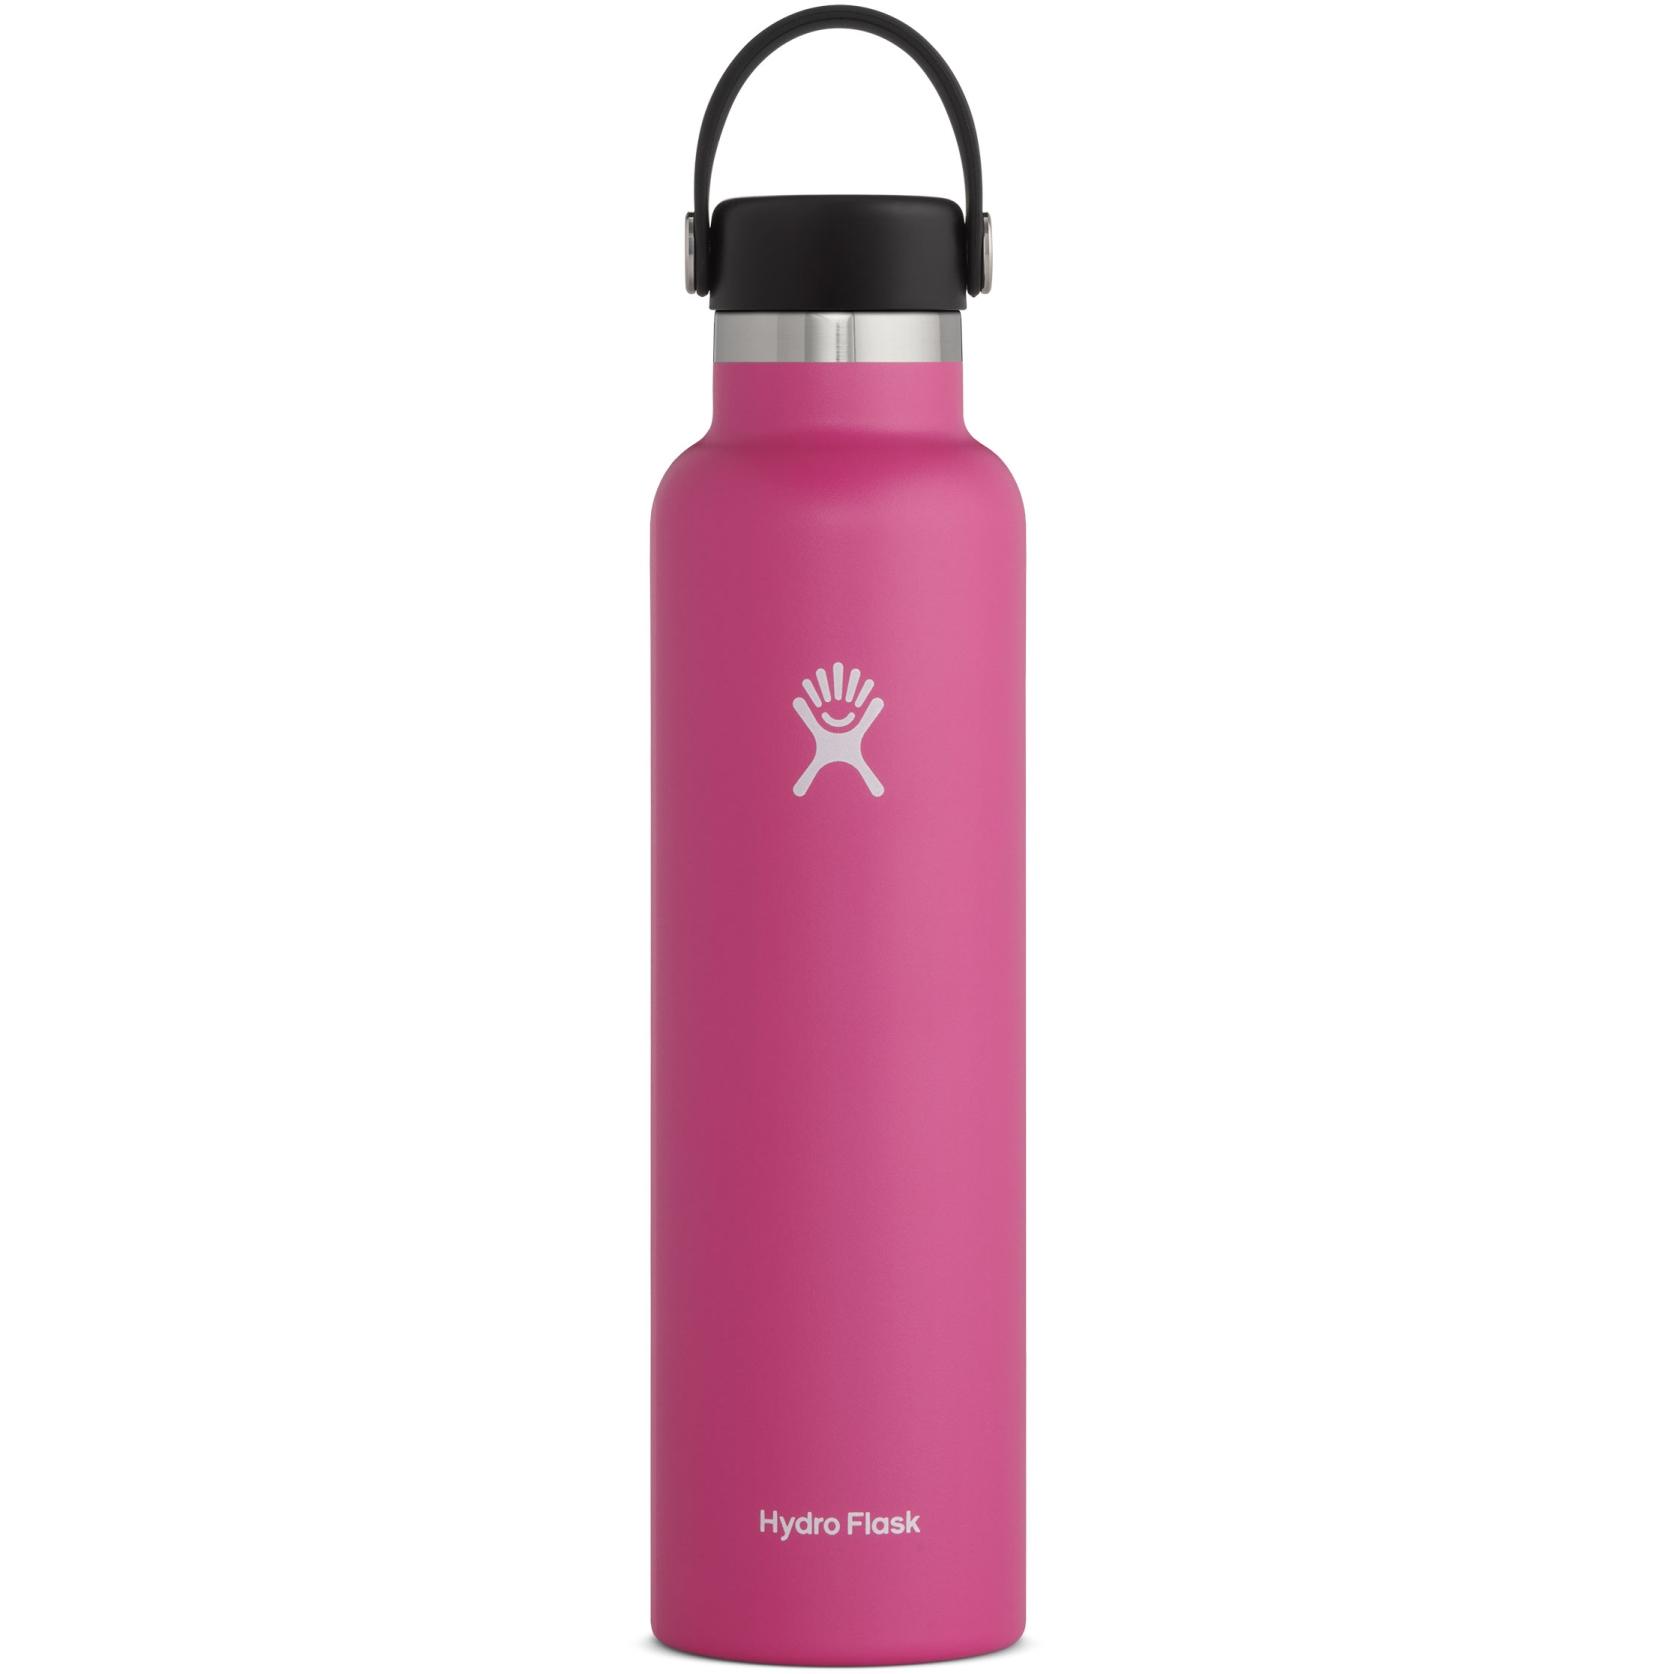 Bild von Hydro Flask 24oz Standard Mouth Flex Cap Thermoflasche 710ml - Carnation